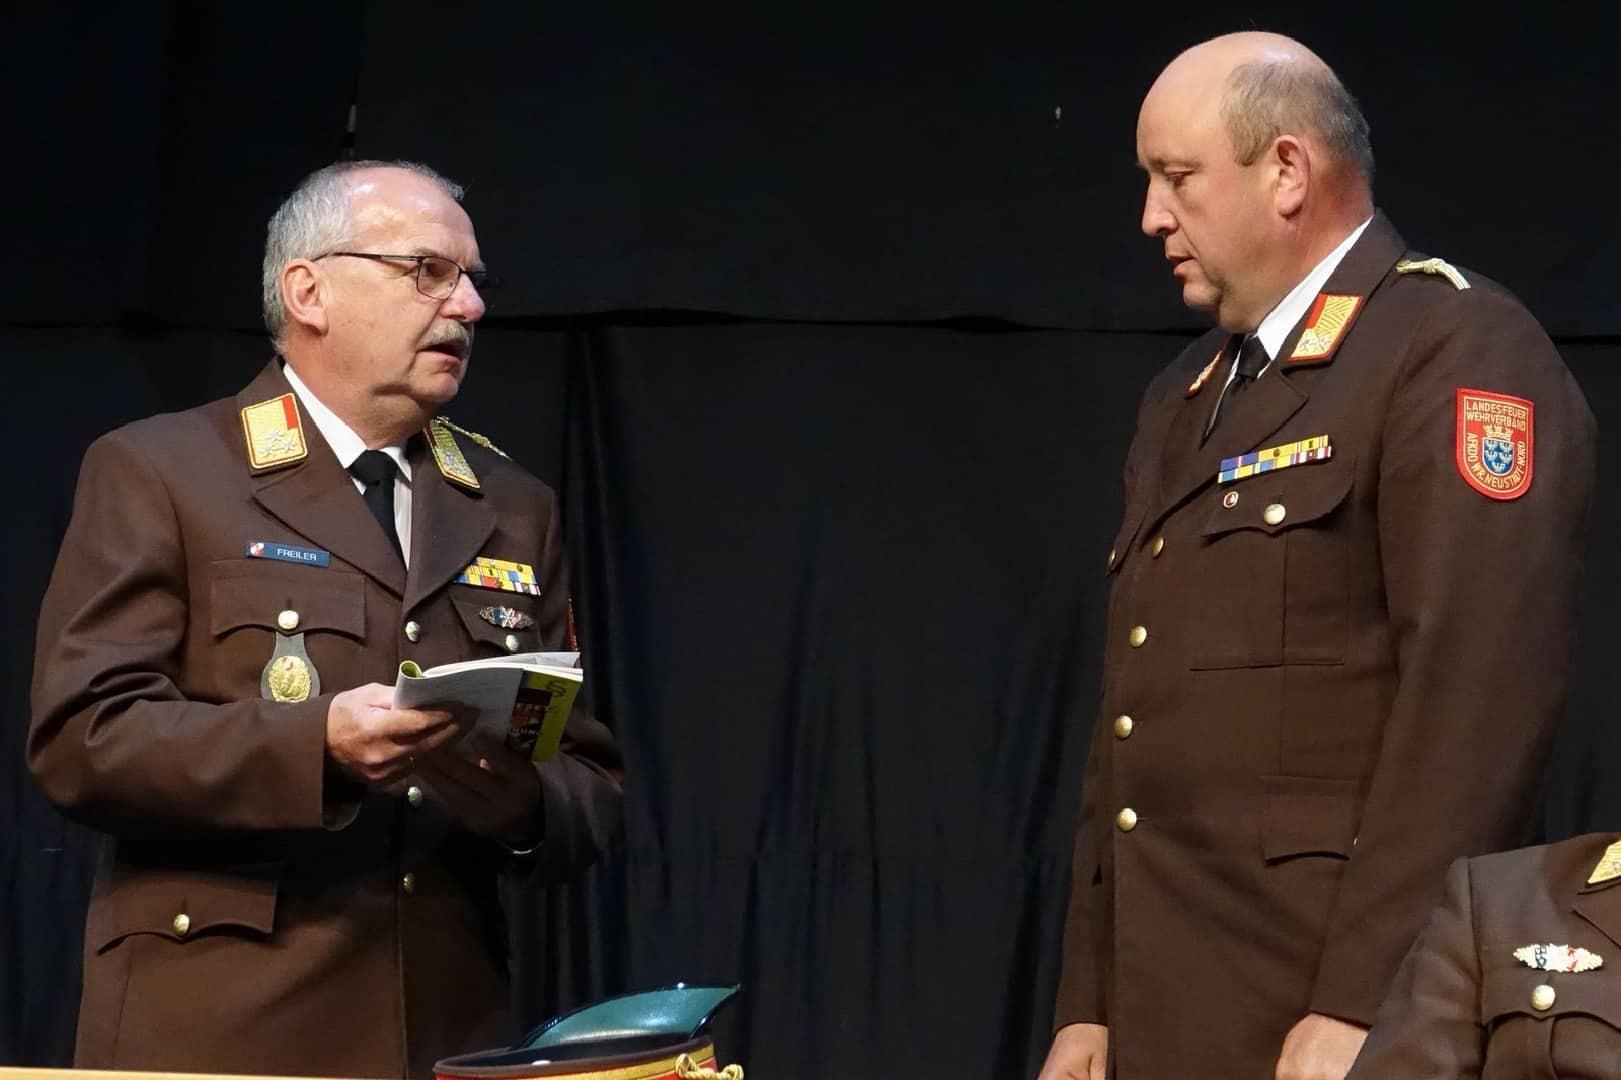 Karl-Heinz Greiner ist neuer Kommandant-Stellvertreter des Bezirksfeuerwehrkommandos Wr. Neustadt